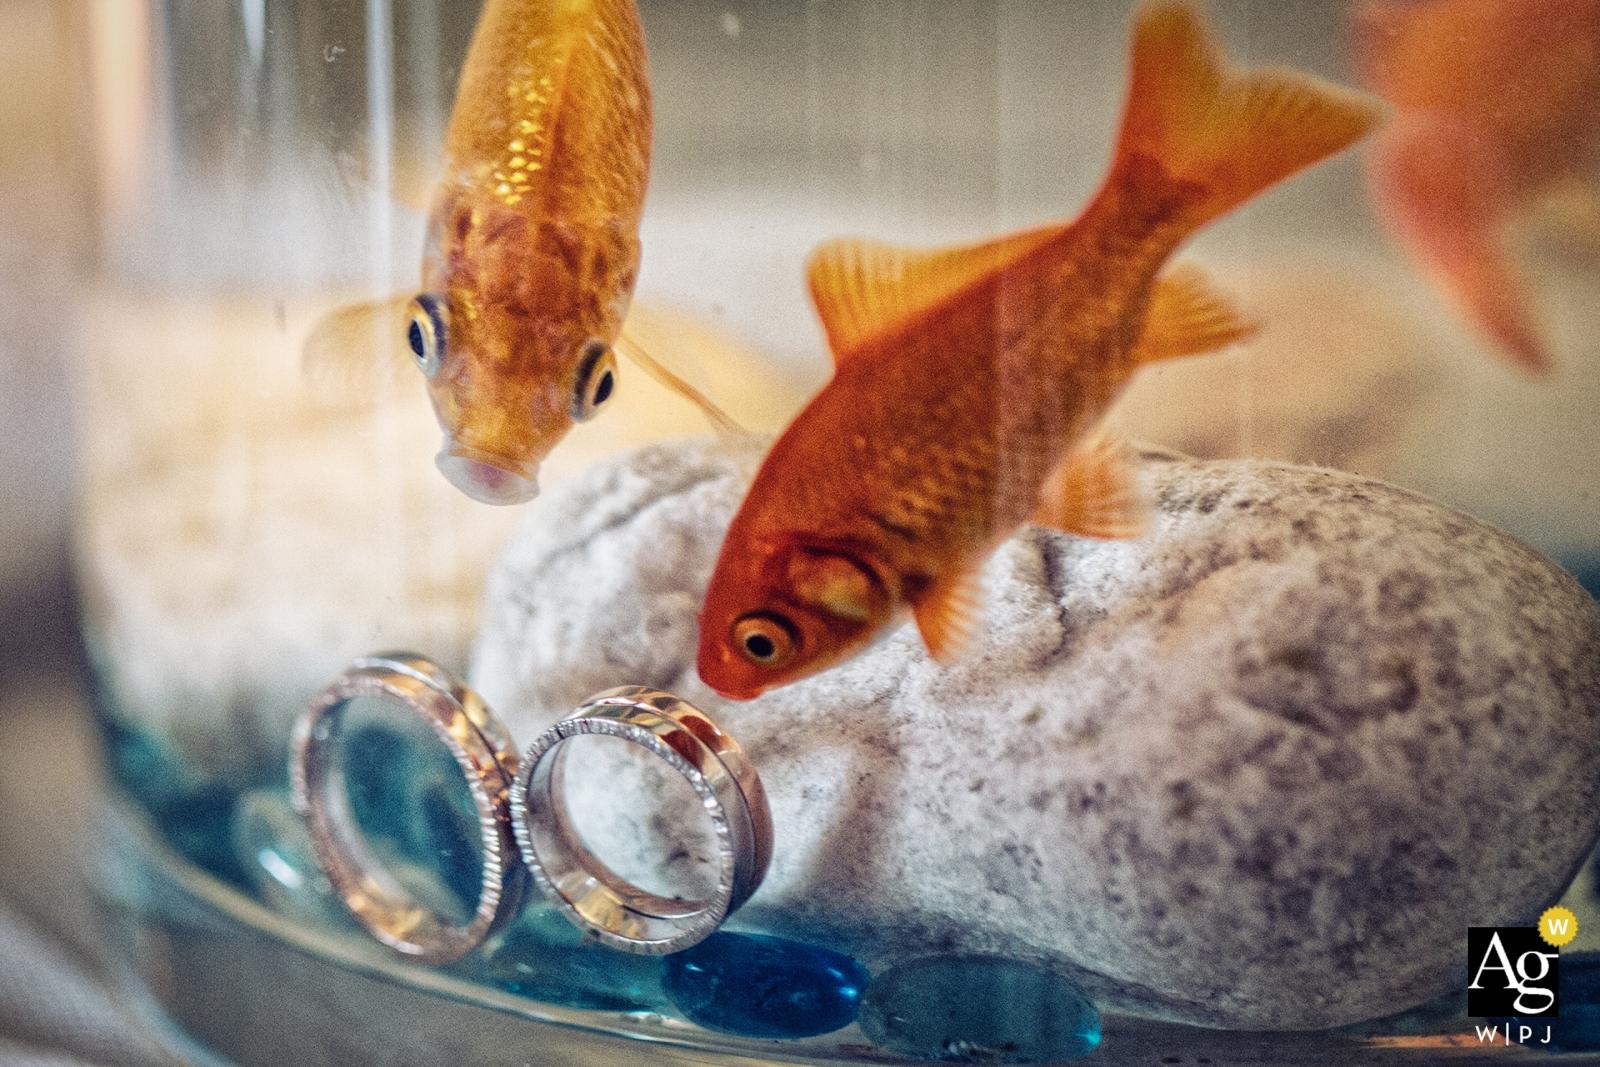 米蘭創意婚紗攝影  金魚缸的圓環細節